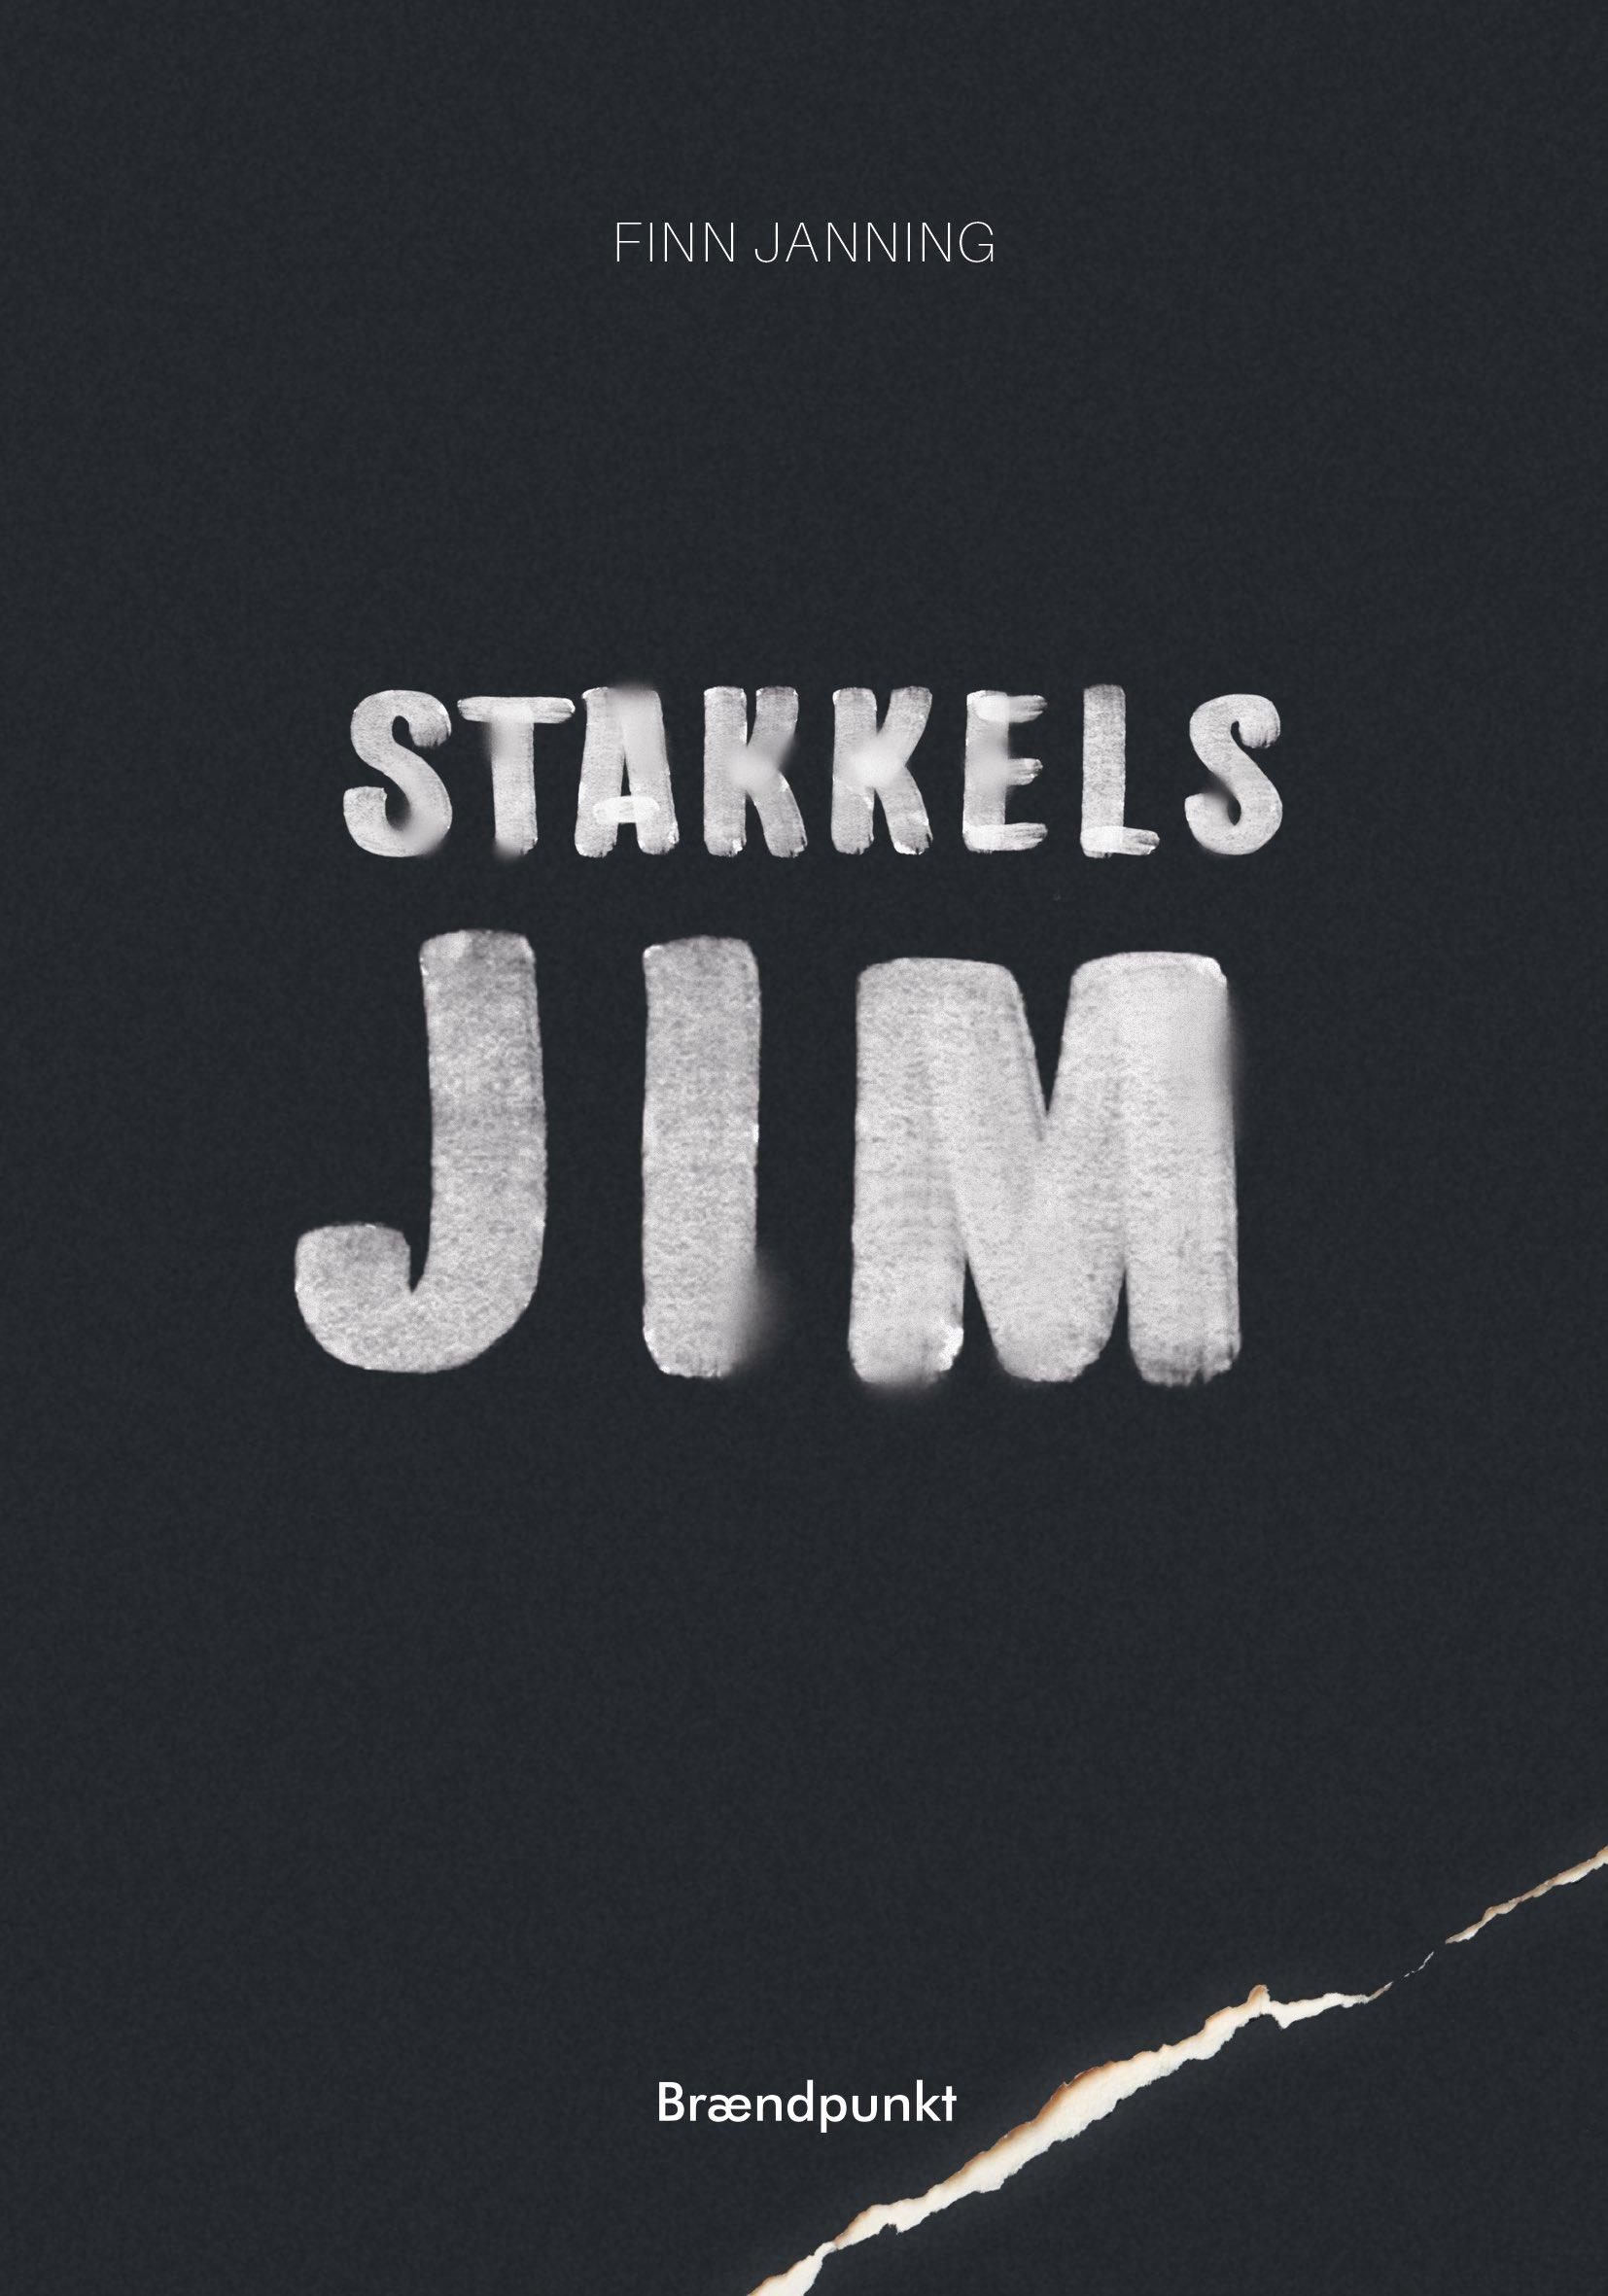 Stakkels Jim - Finn Janning - Bøger - Brændpunkt - 9788793835696 - June 26, 2020